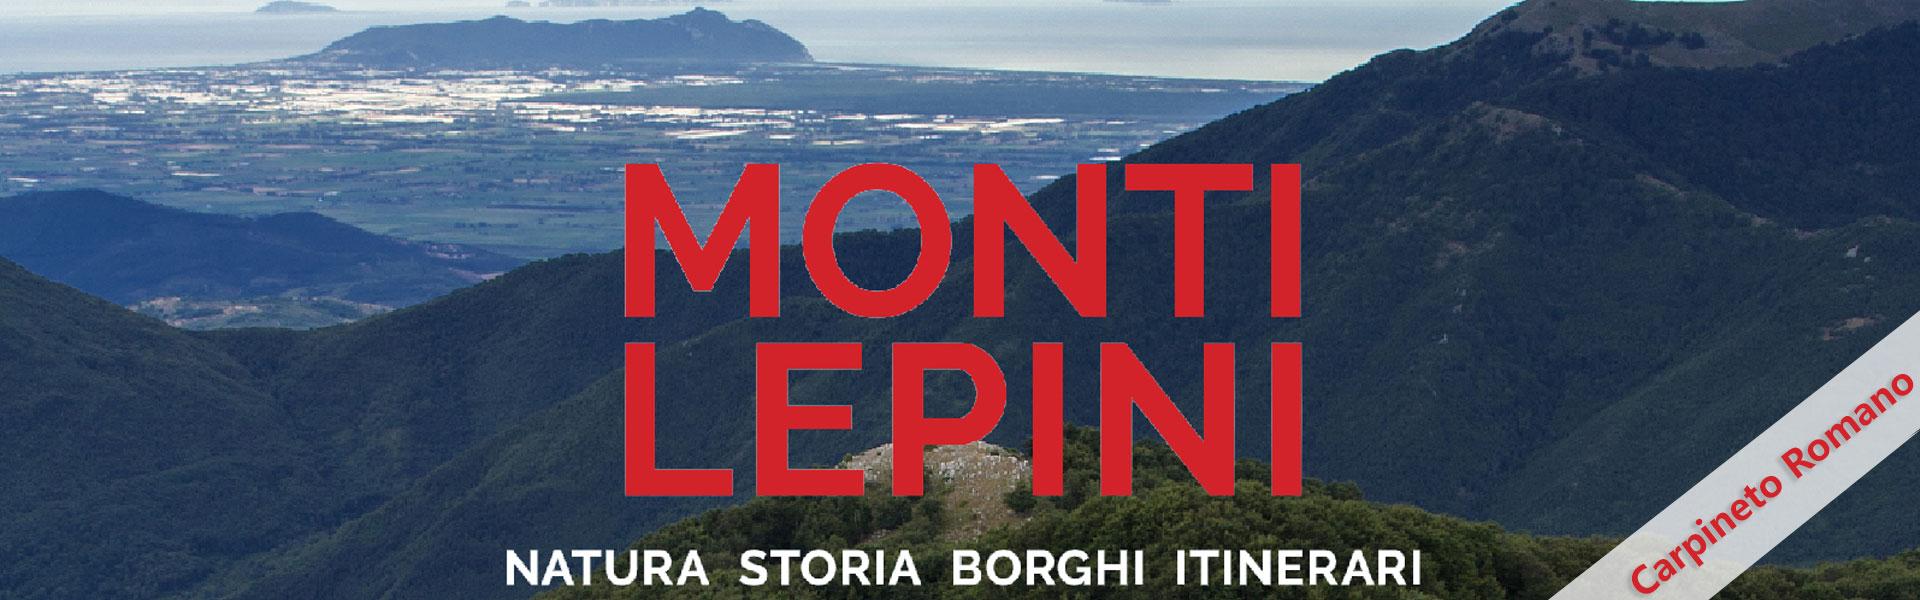 copertina-pagina-presentazione-guida-turistica-carpineto-romano-1920x600